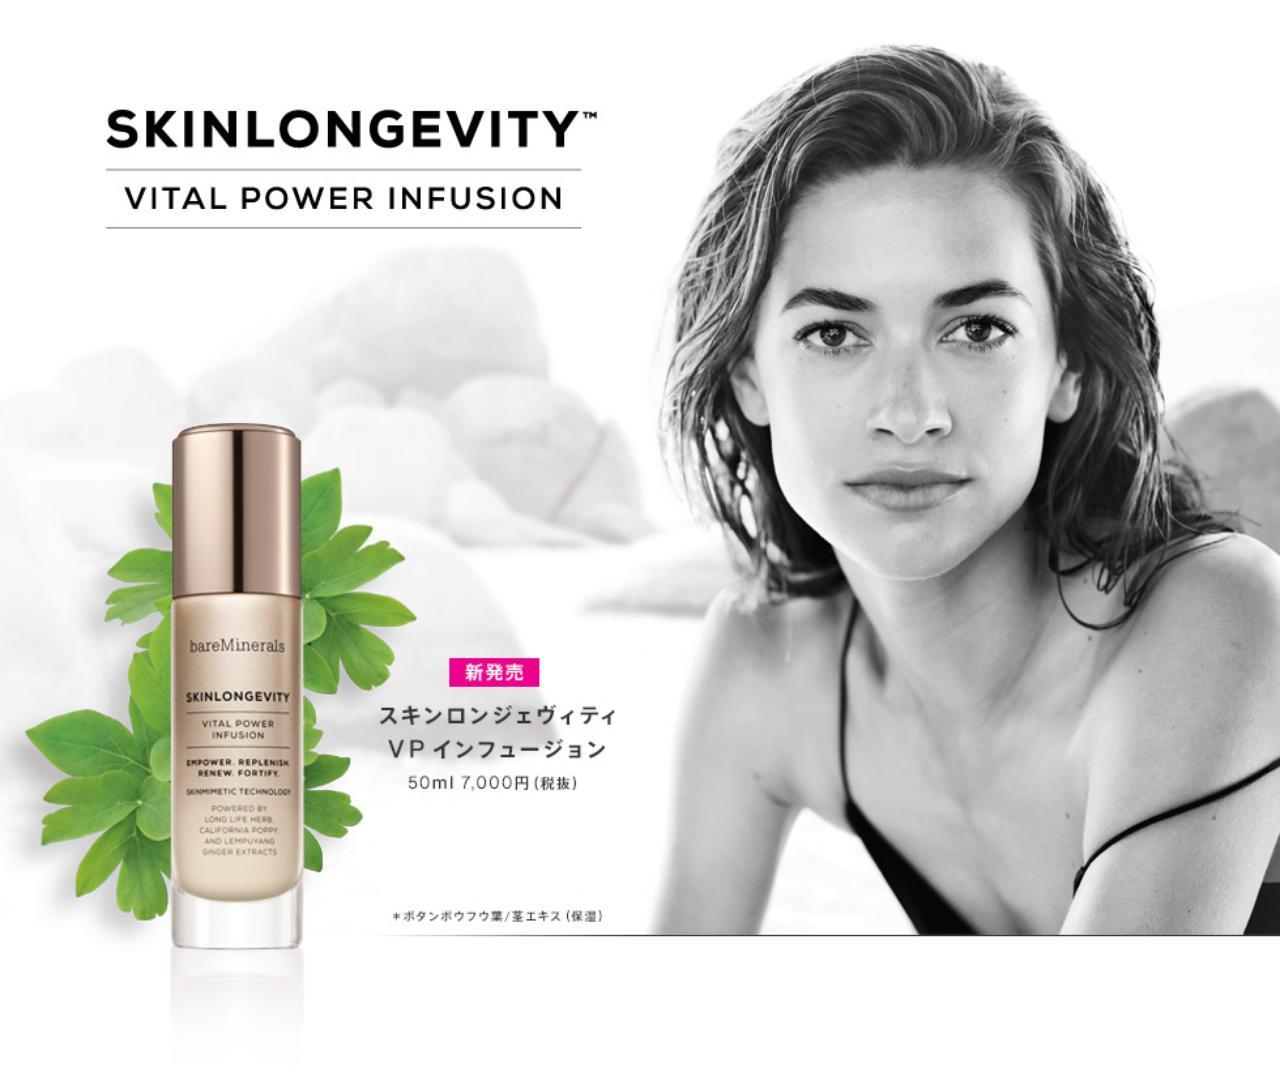 画像: ヘルシーな肌を目指す新発想の美容液 | ミネラルファンデーションのベアミネラル